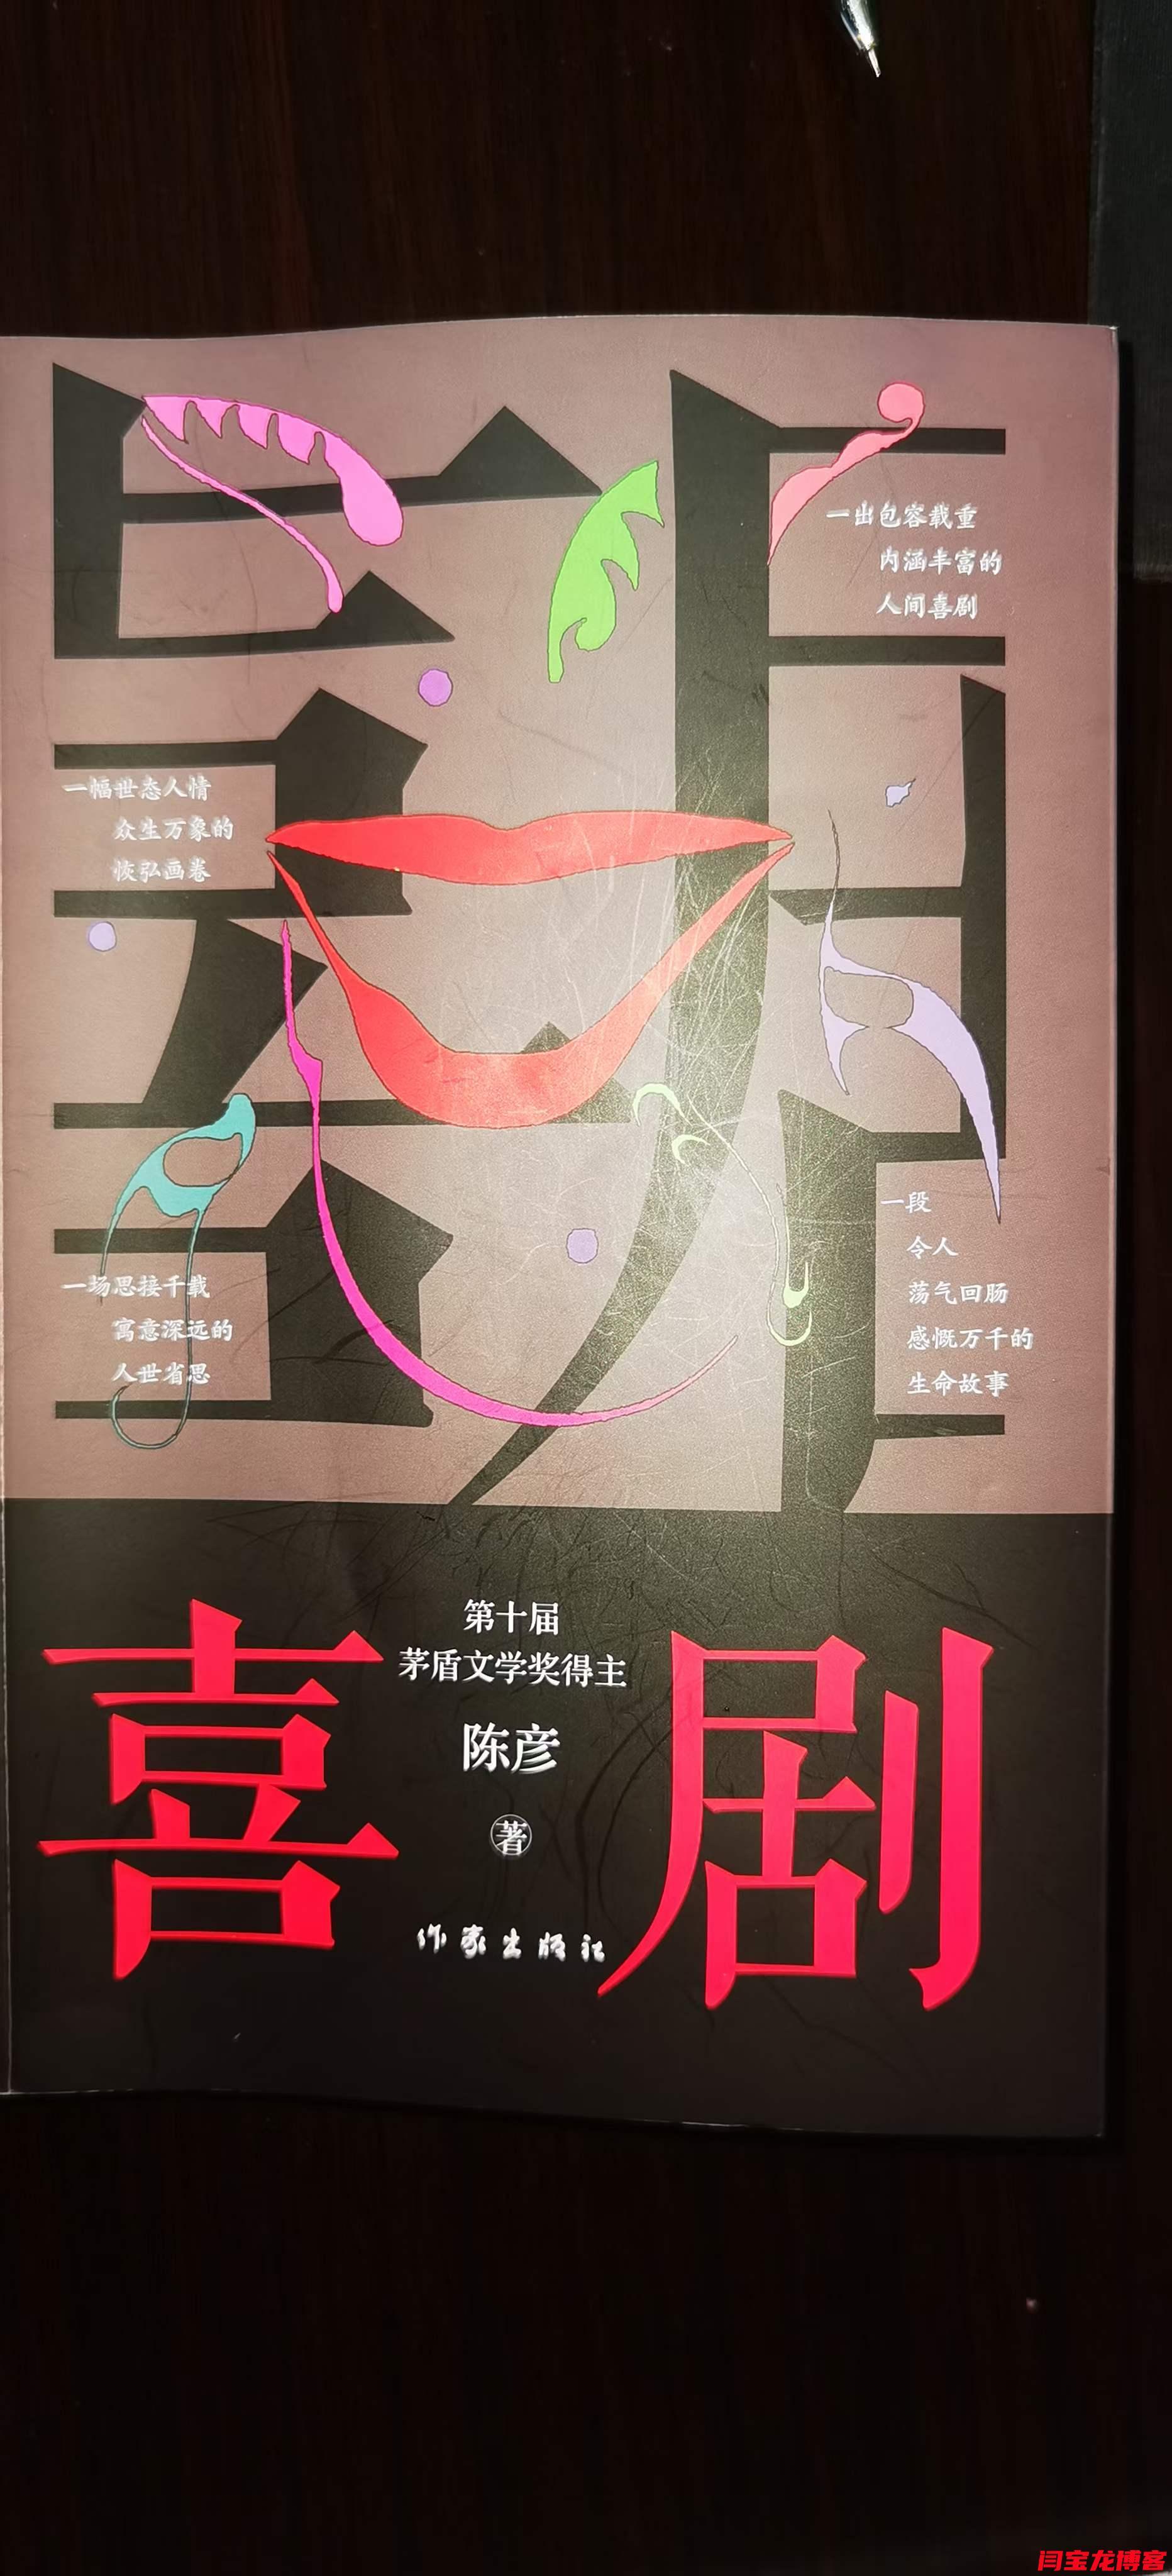 茅盾文学奖获得者陈彦的长篇小说《喜剧》到手